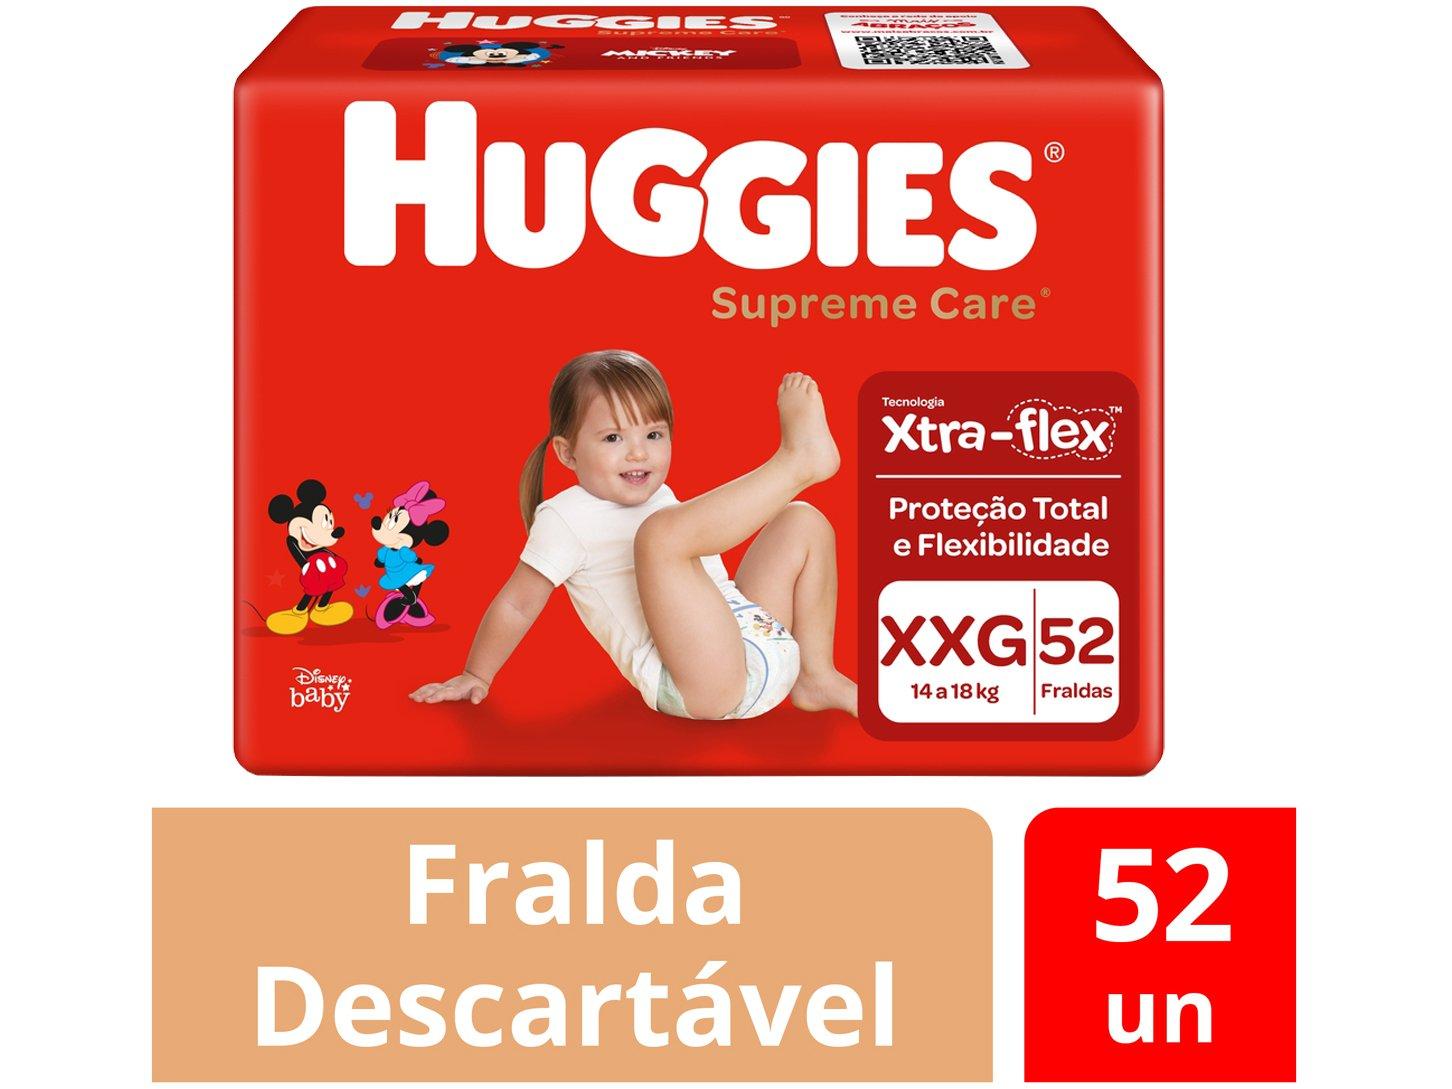 Fraldas Huggies Turma da Mônica Supreme Care - Tam. XXG 14 a 18kg 52 Unidades - 2